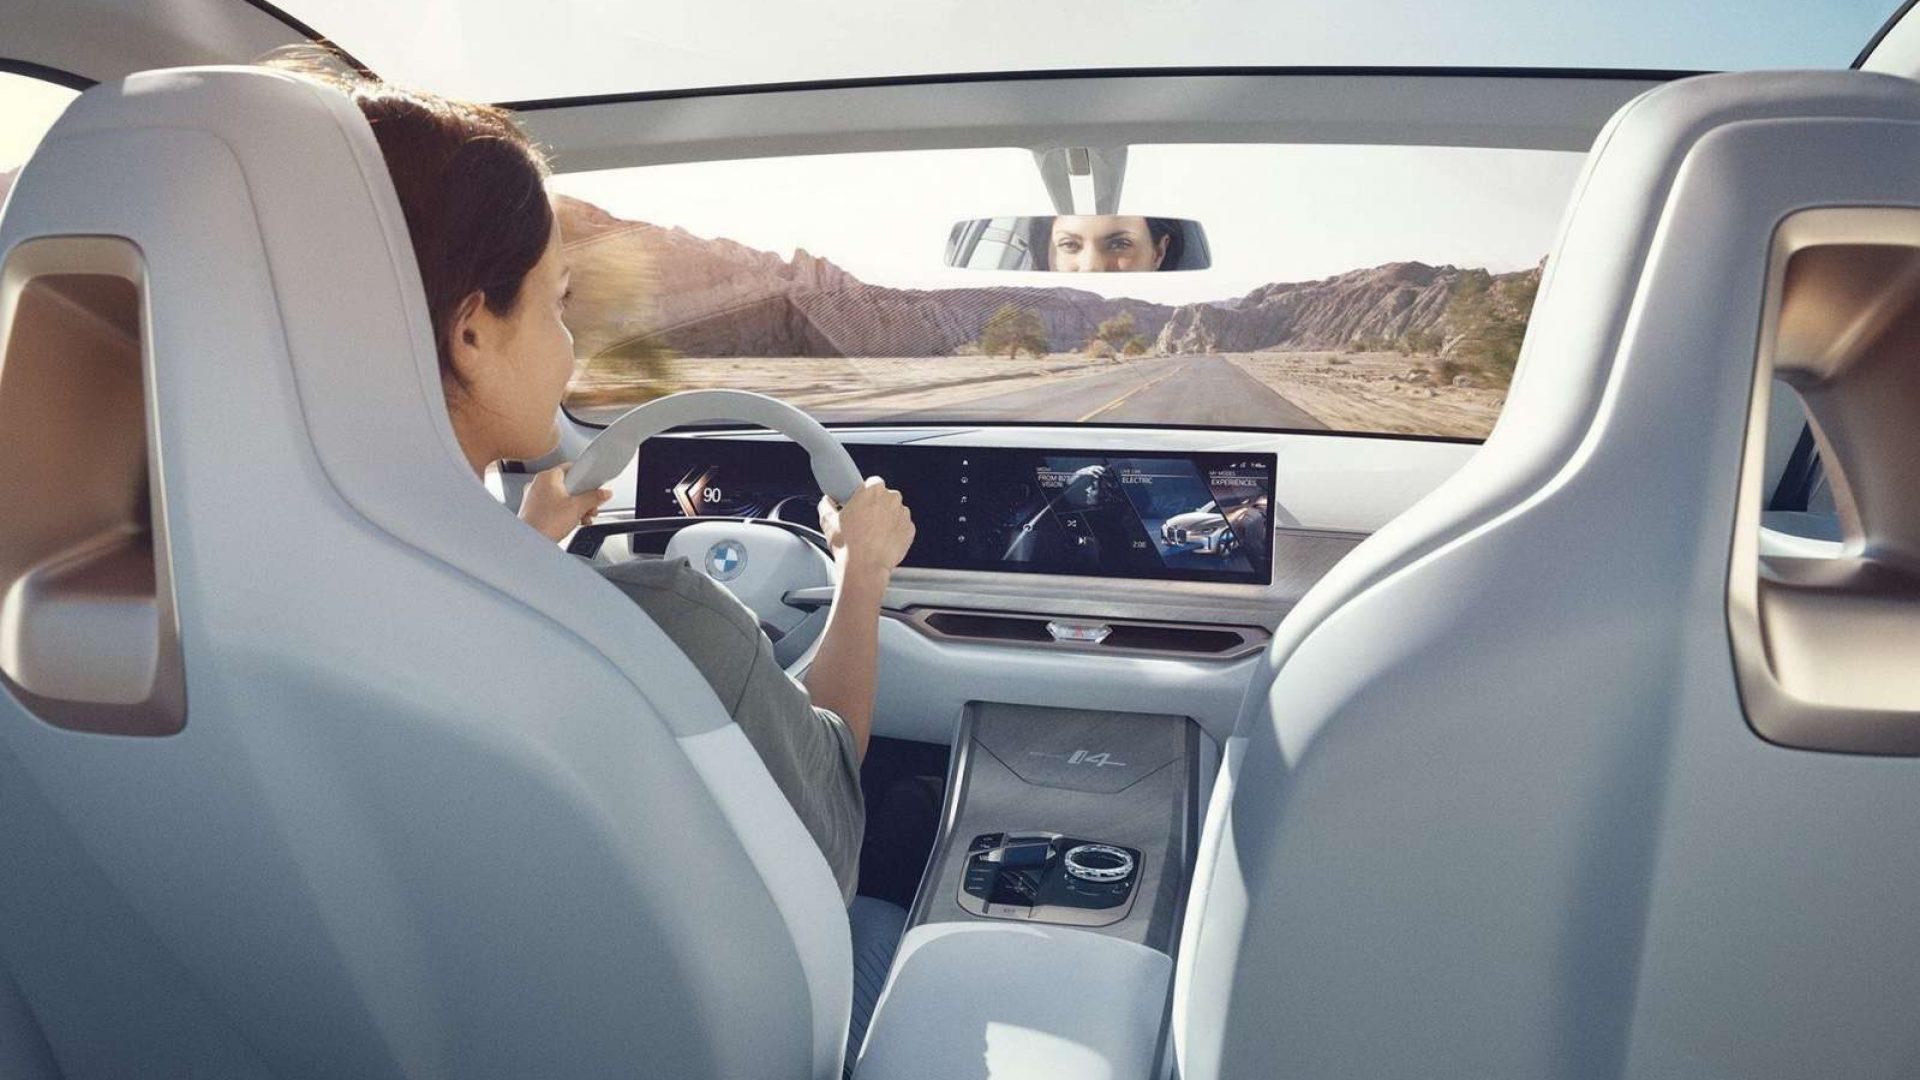 2020-BMW-Concept-i4-Interior-14